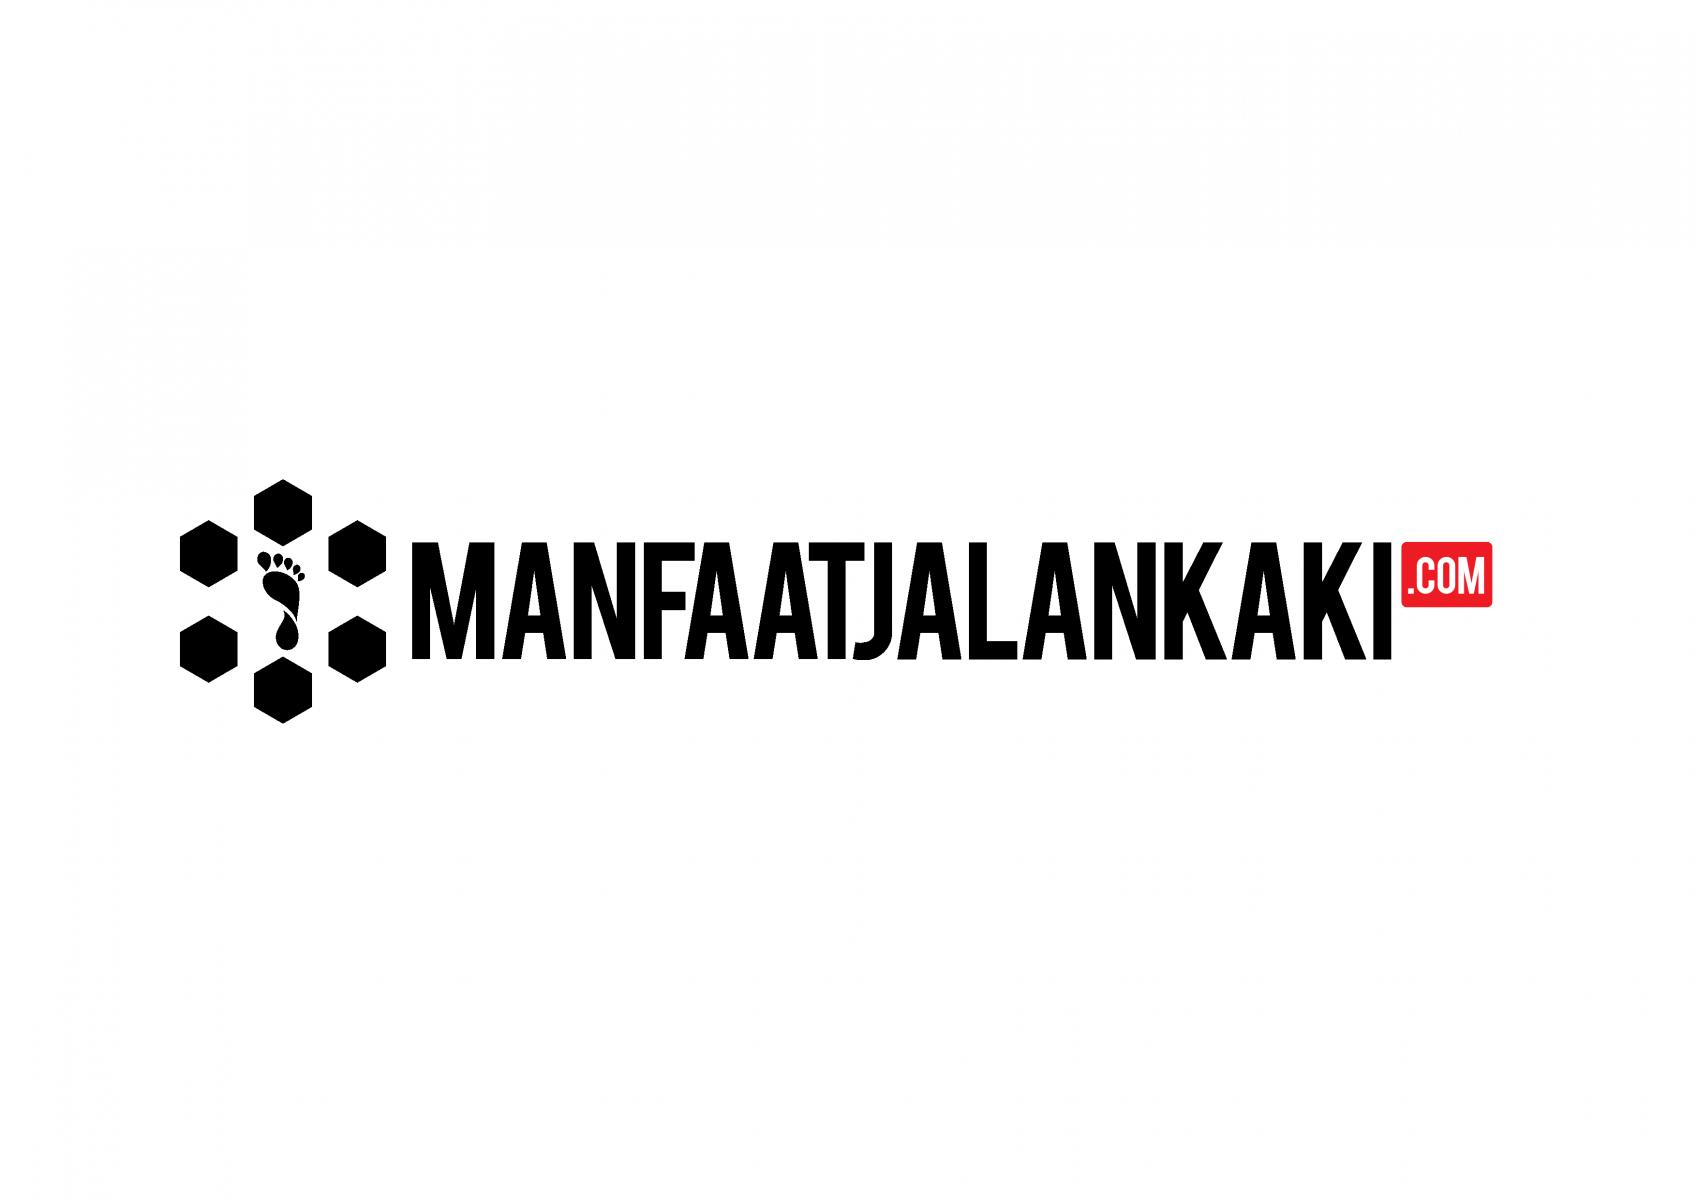 Logo-ManfaatJalanKaki-Black-Red